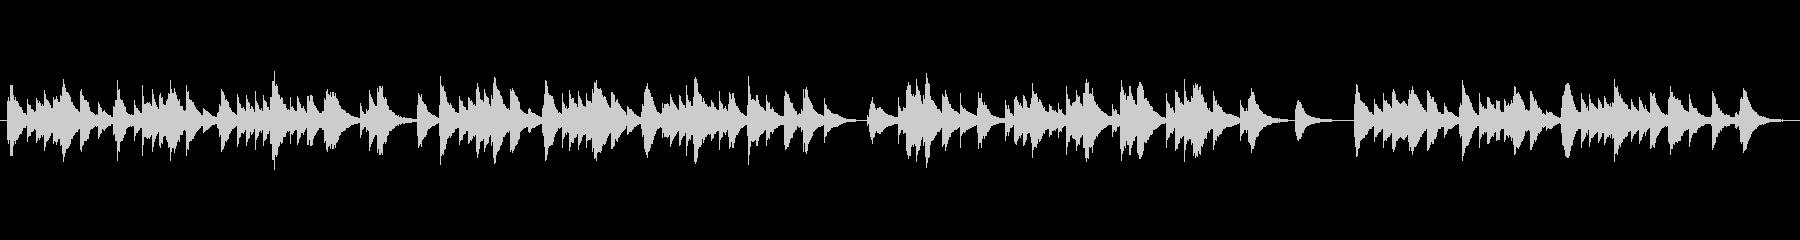 オルゴール2の未再生の波形